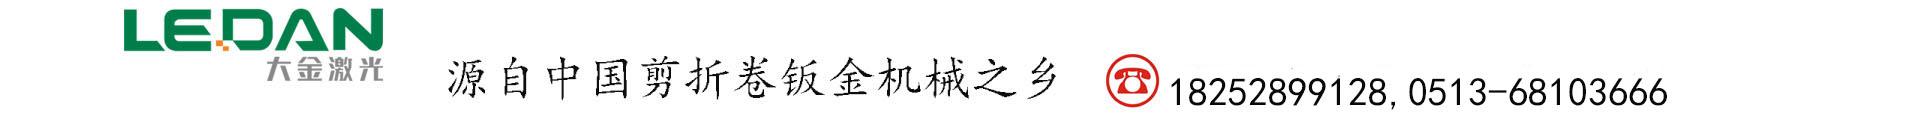 江苏大金激光科技有限公司